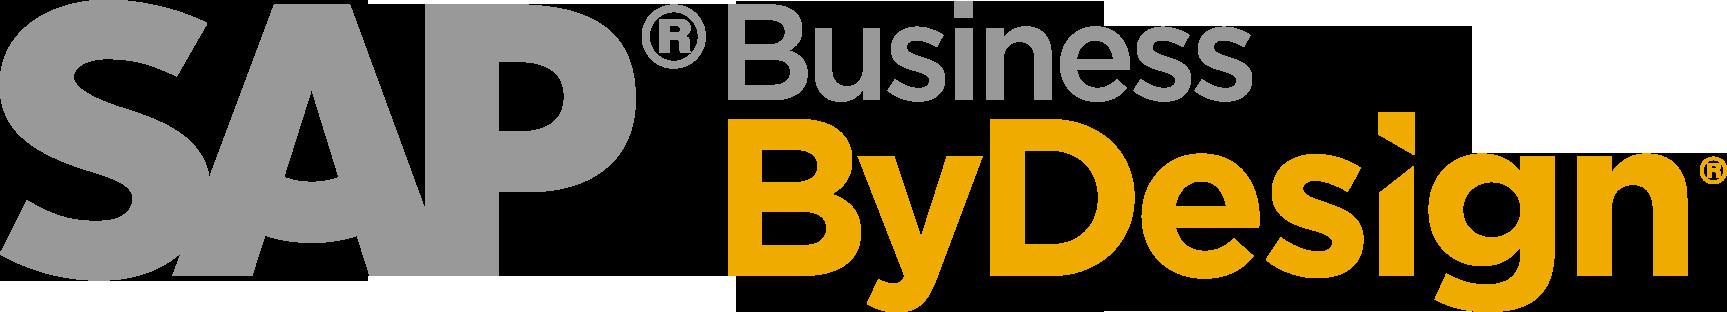 SAP_BbyD_R_1